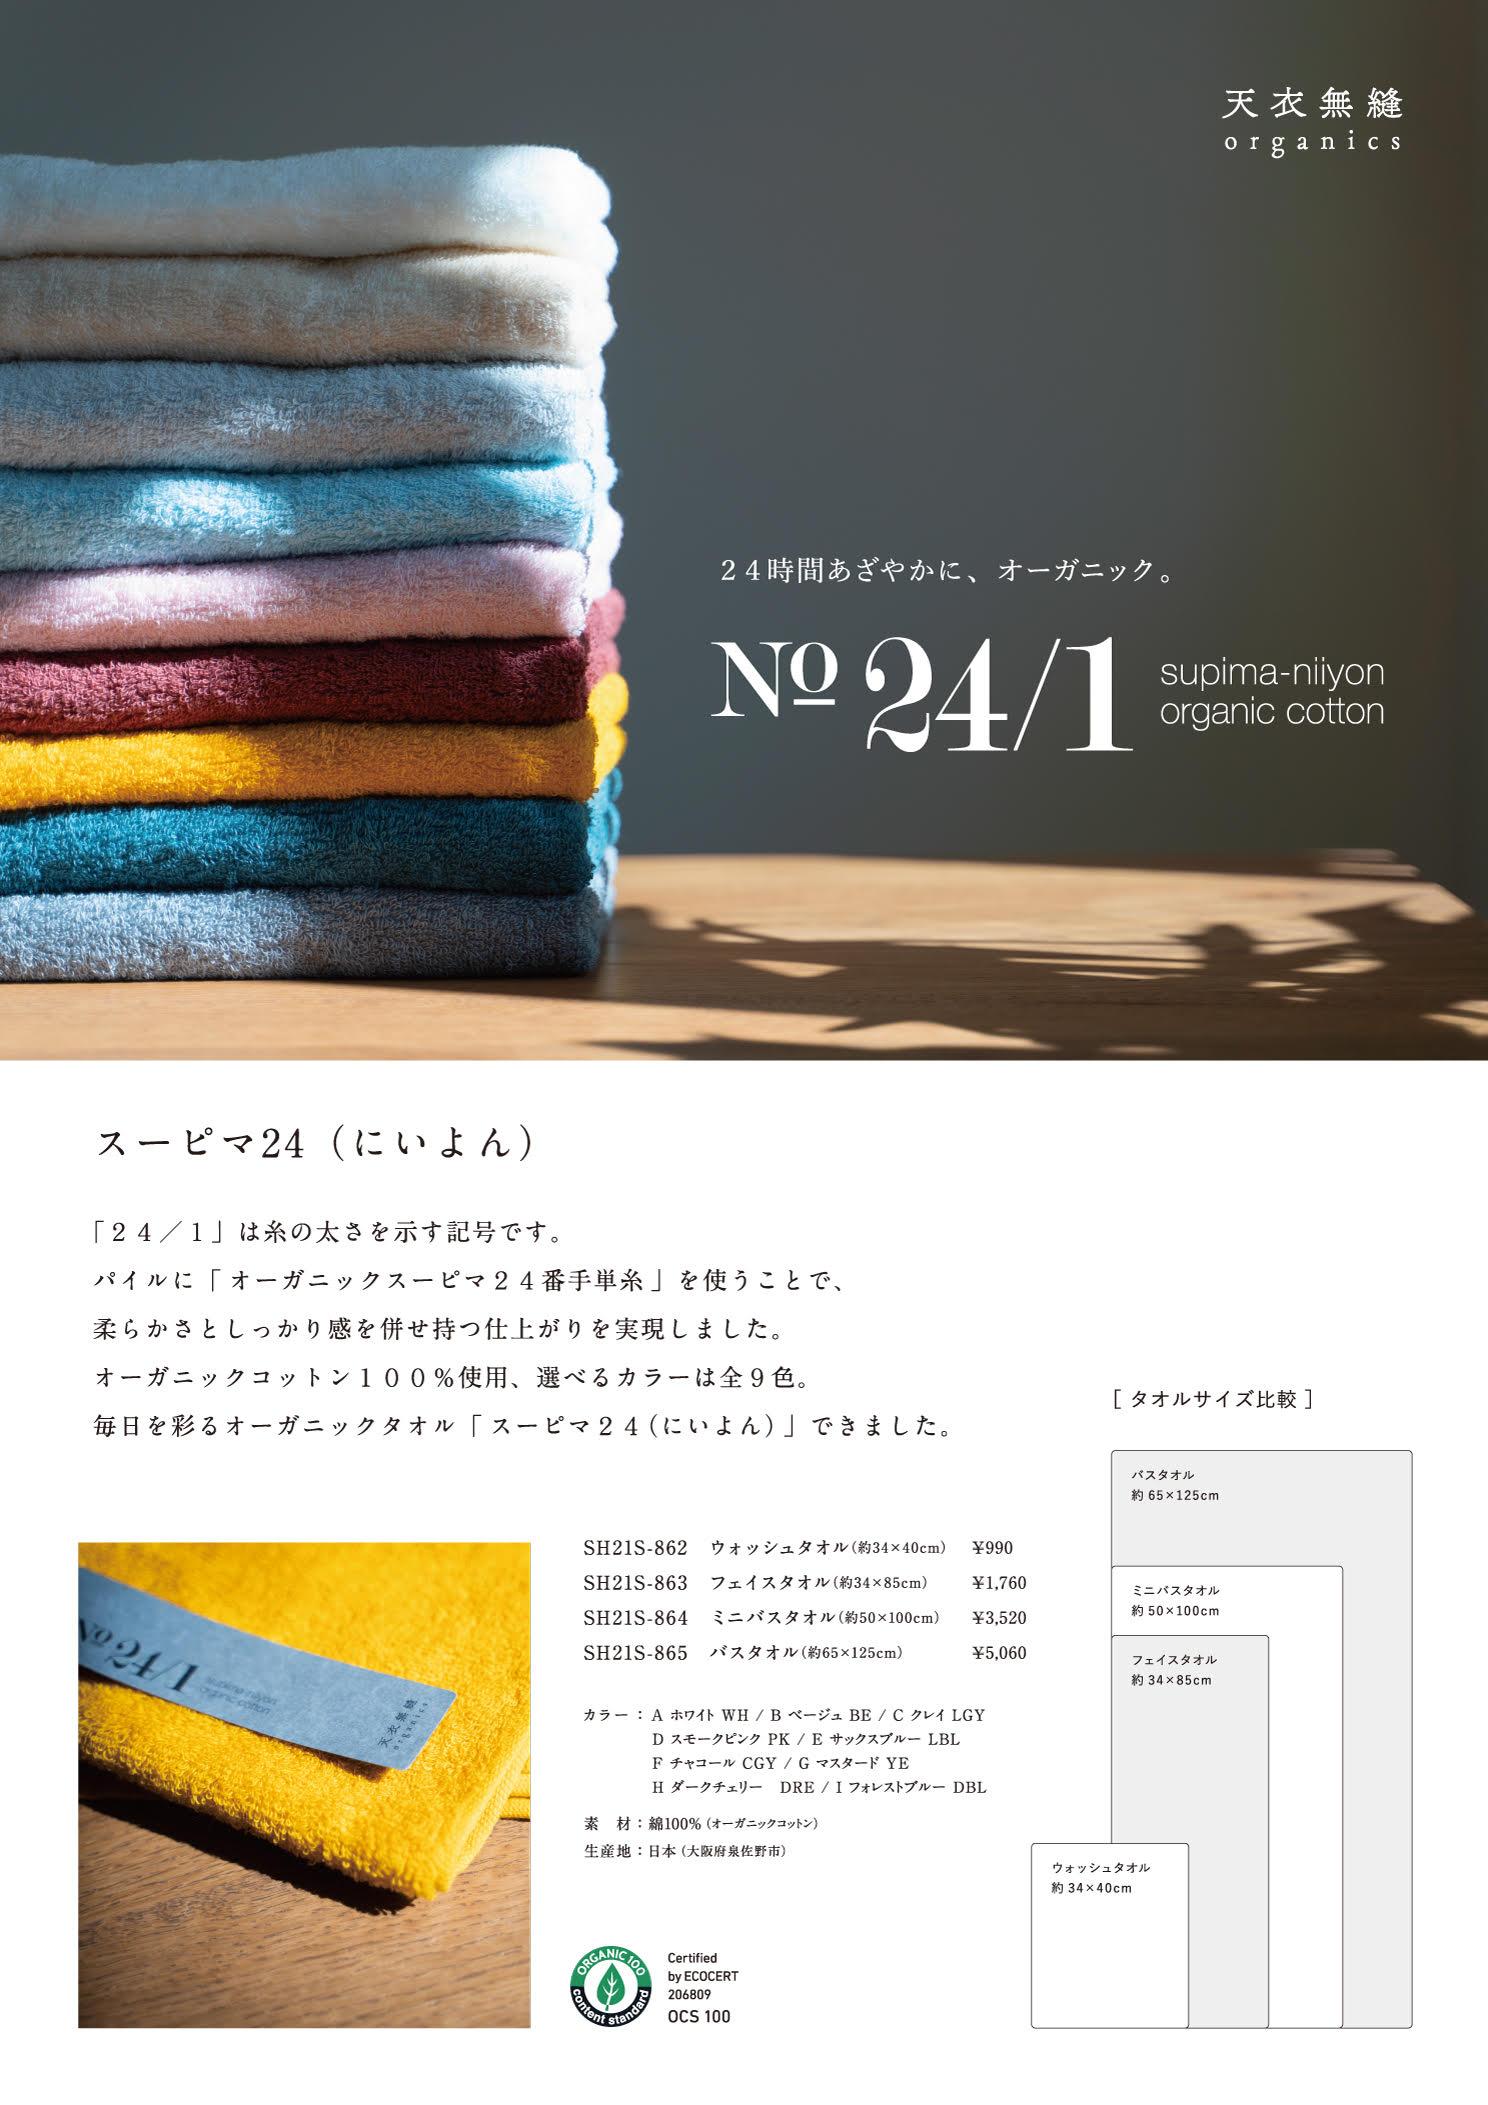 新商品「スーピマ24タオル」の販売が始まりました。